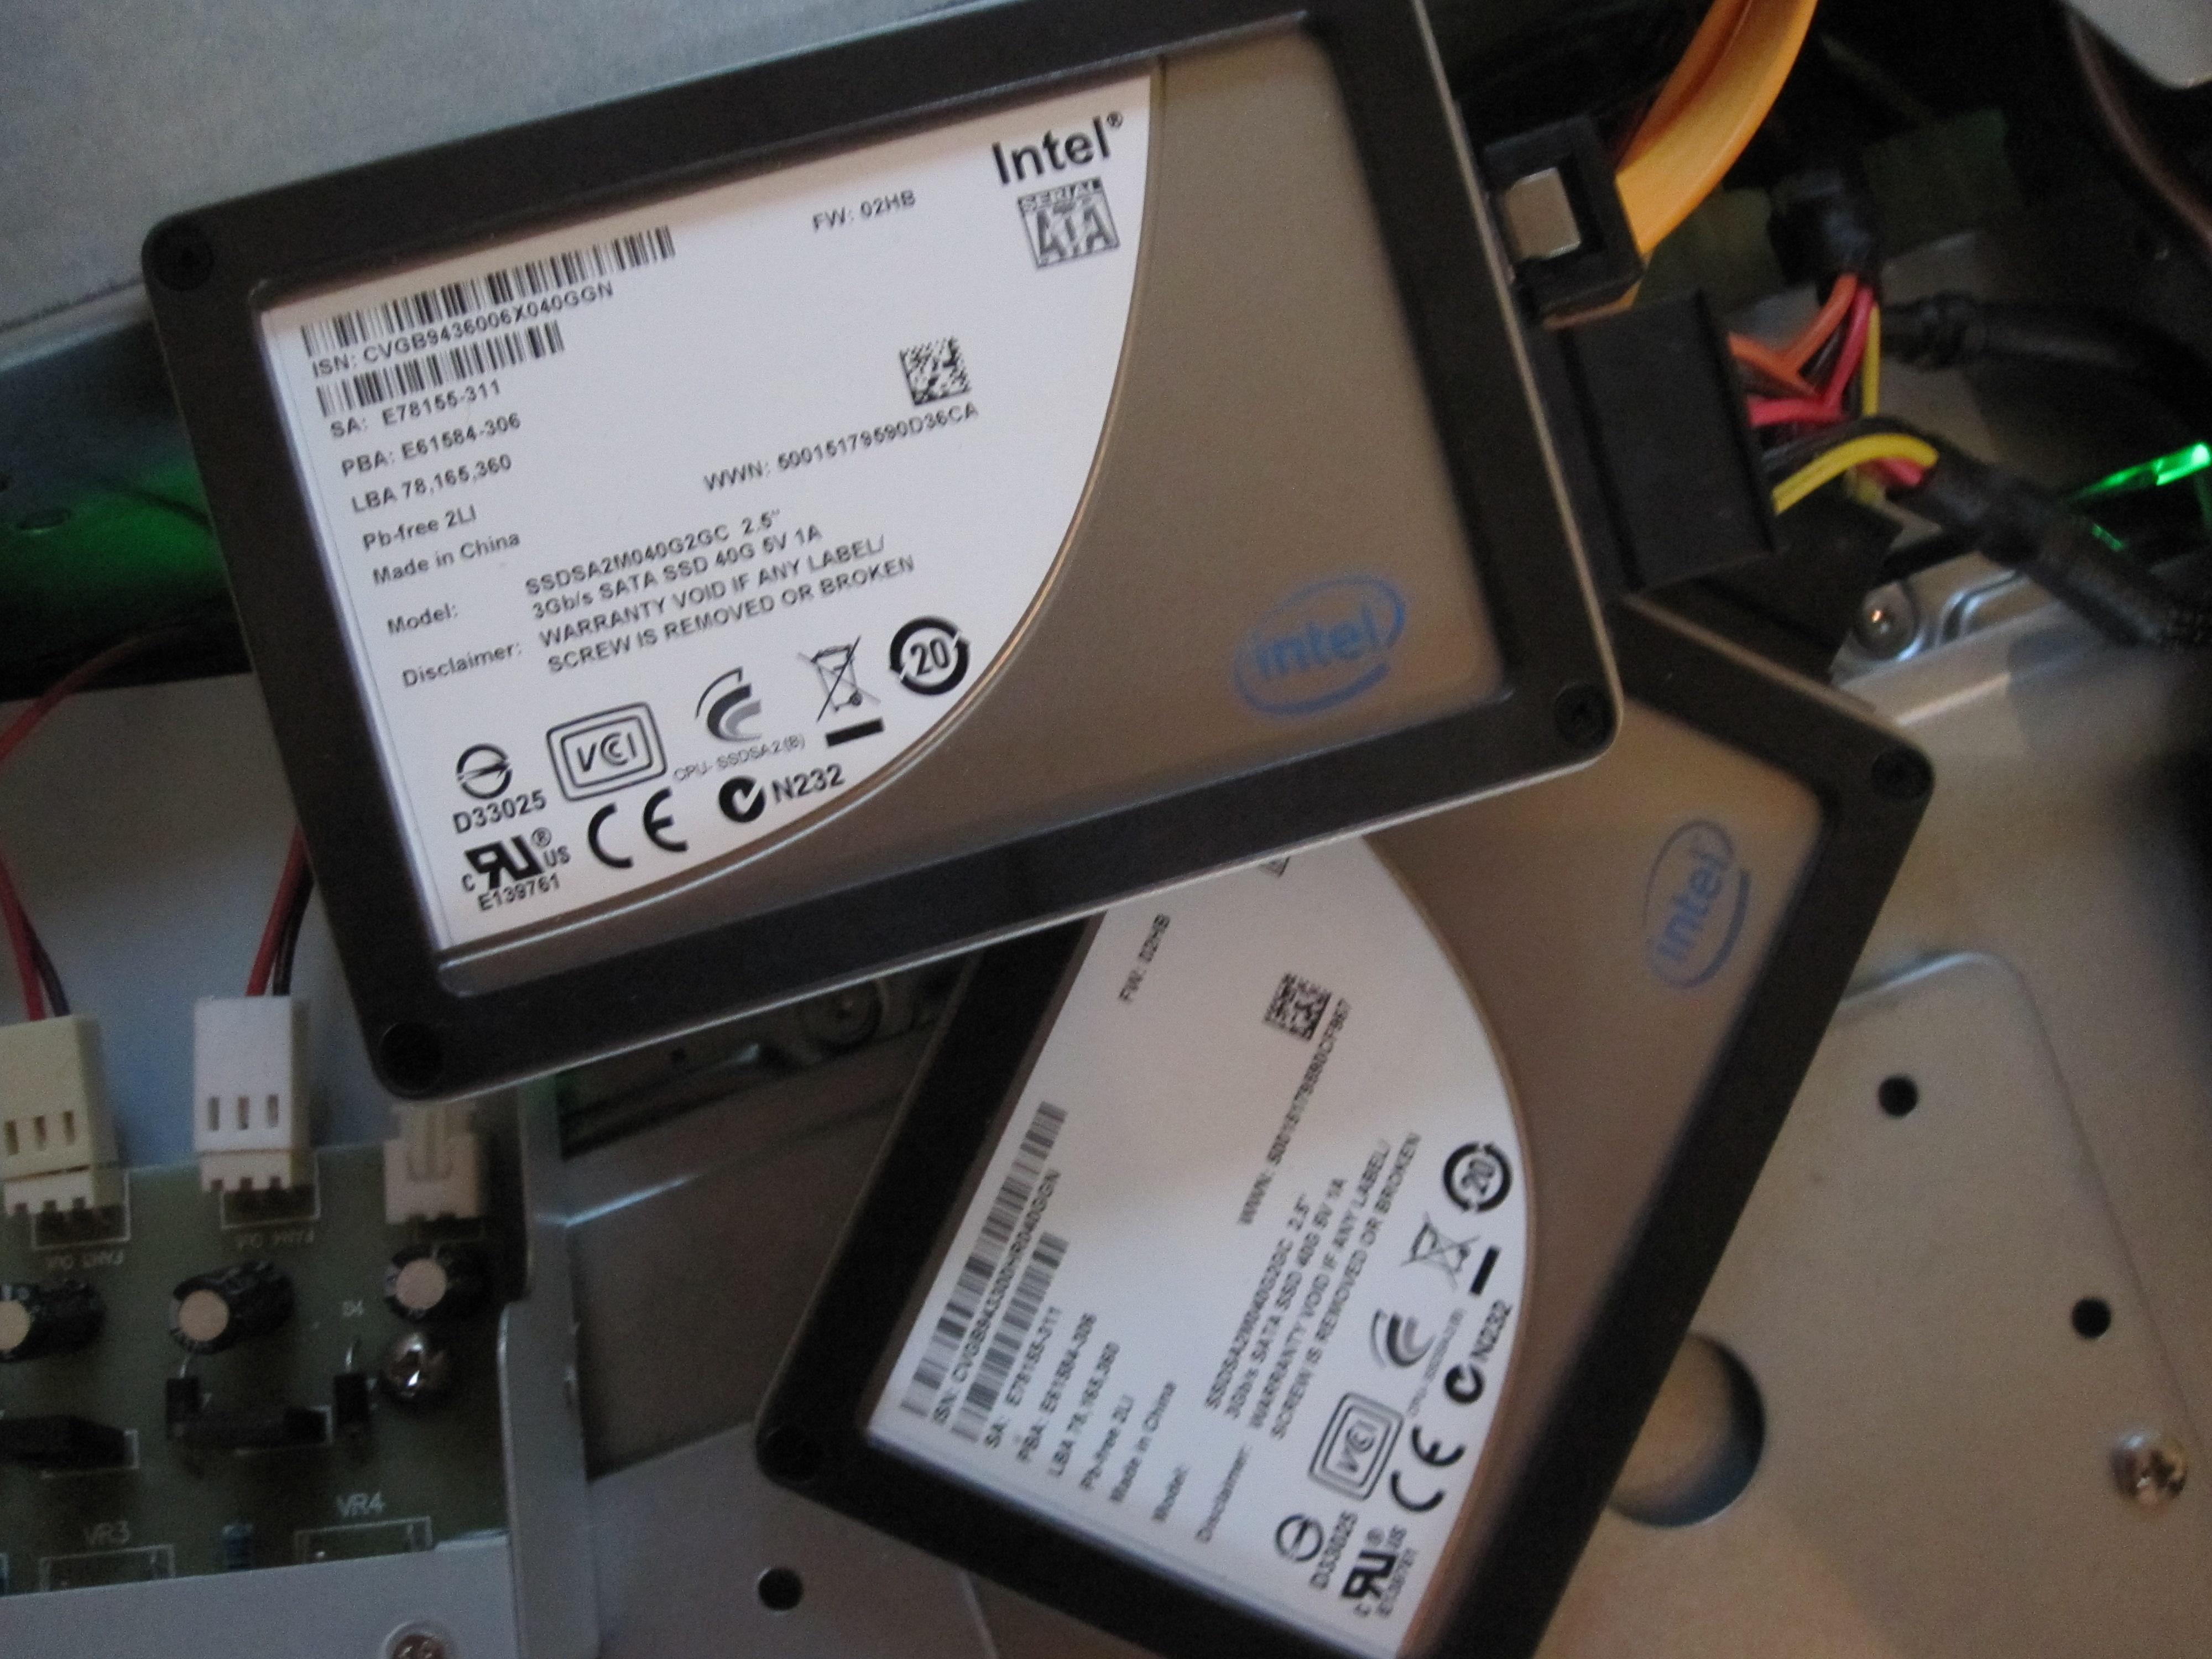 Intel X25-V 40GB in RAID 0 on an Intel ICH10R